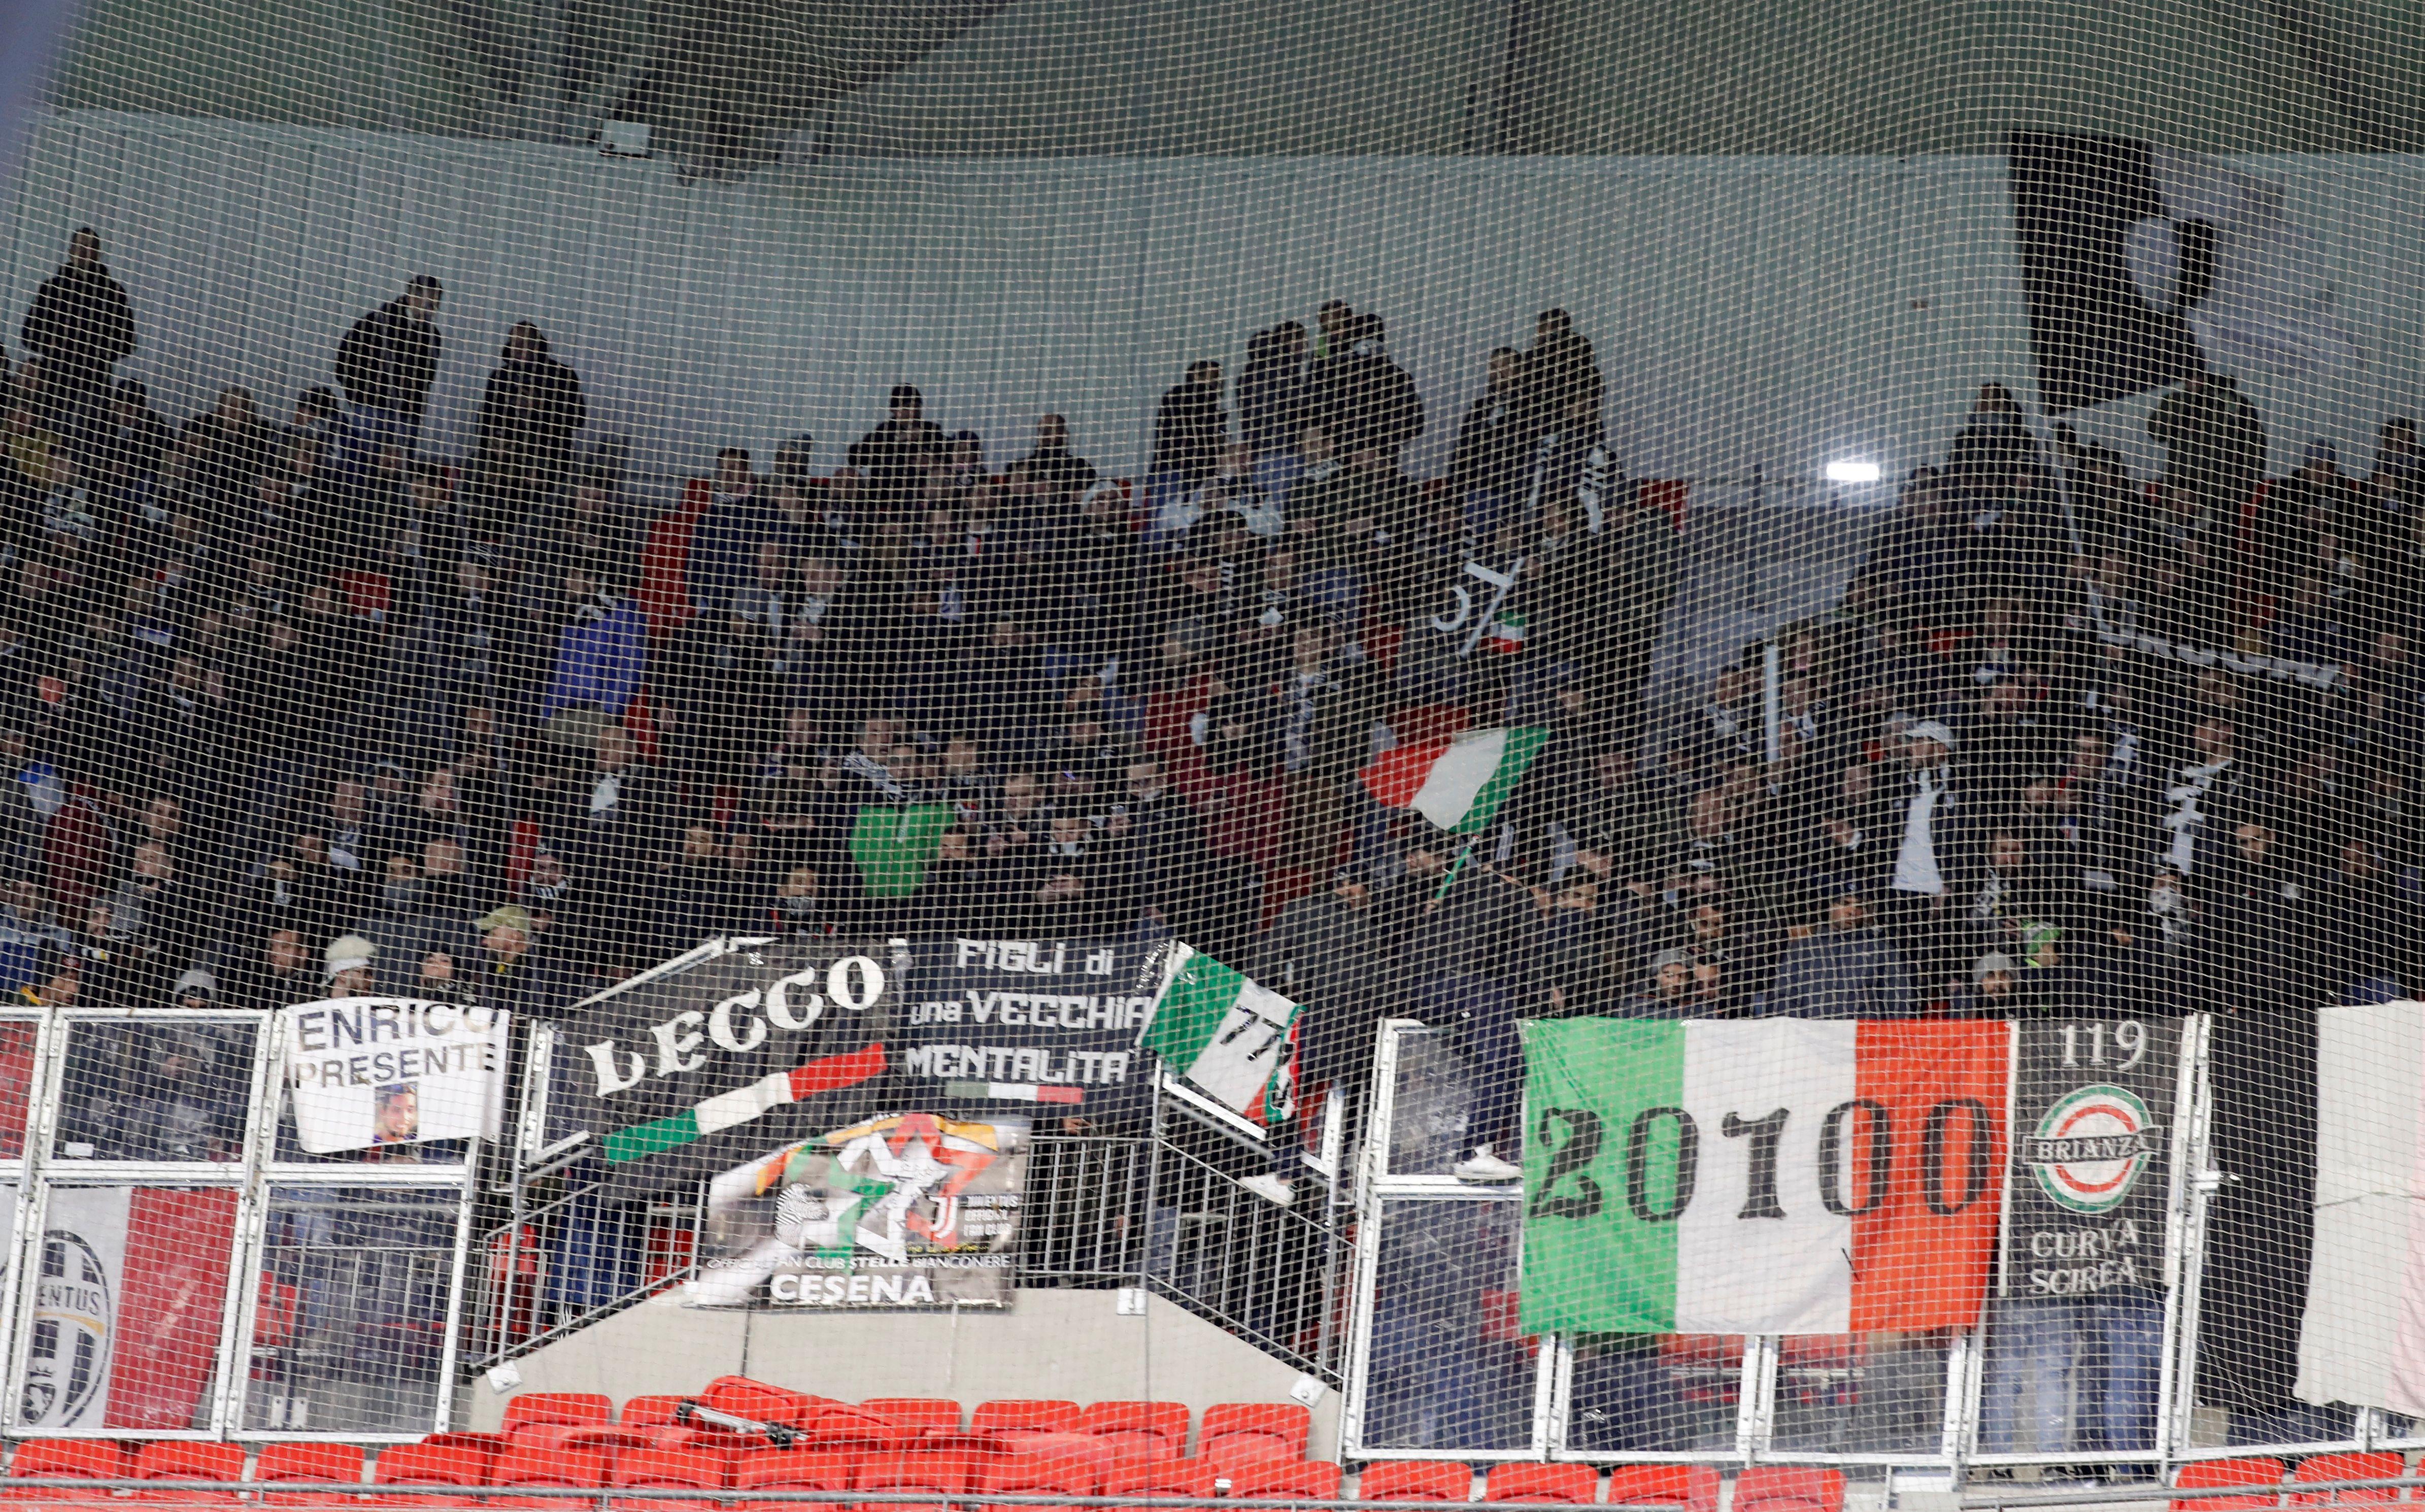 Alrededor de 3.000 hinchas de Juventus llegaron hasta Lyon el 26 de febrero pasado (Foto: Reuters)